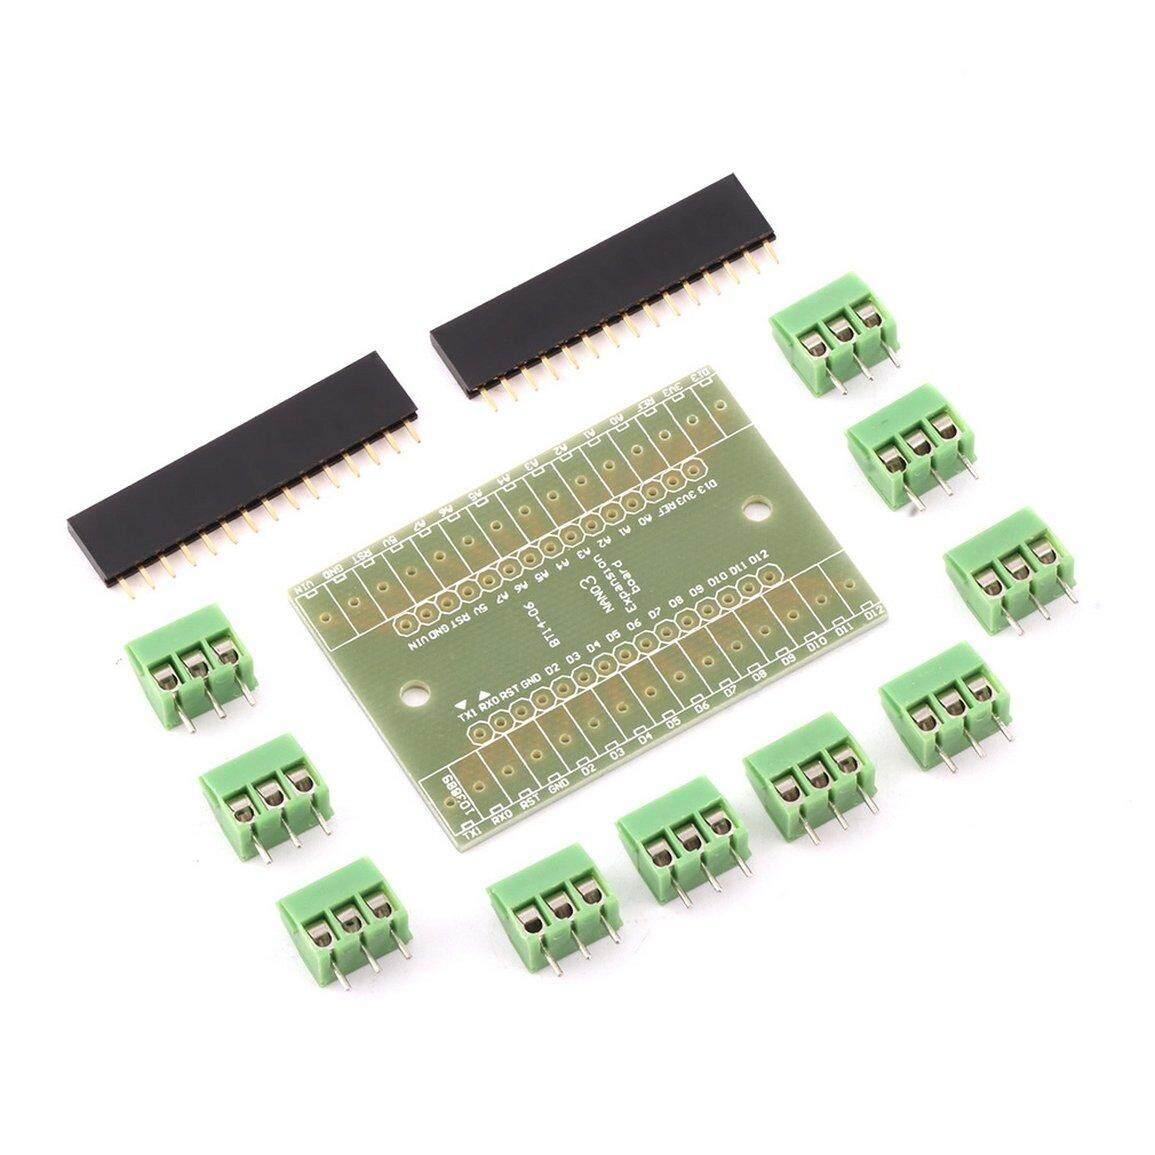 【For Sale】 Trên Toàn Thế Giới 1 Cái/lốc Cho Nano 3.0 Điều Khiển Tương Thích Đối Với Arduino Đối Với Nano CH340 Trình Điều Khiển USB Không Có Cáp Thả Vận Chuyển